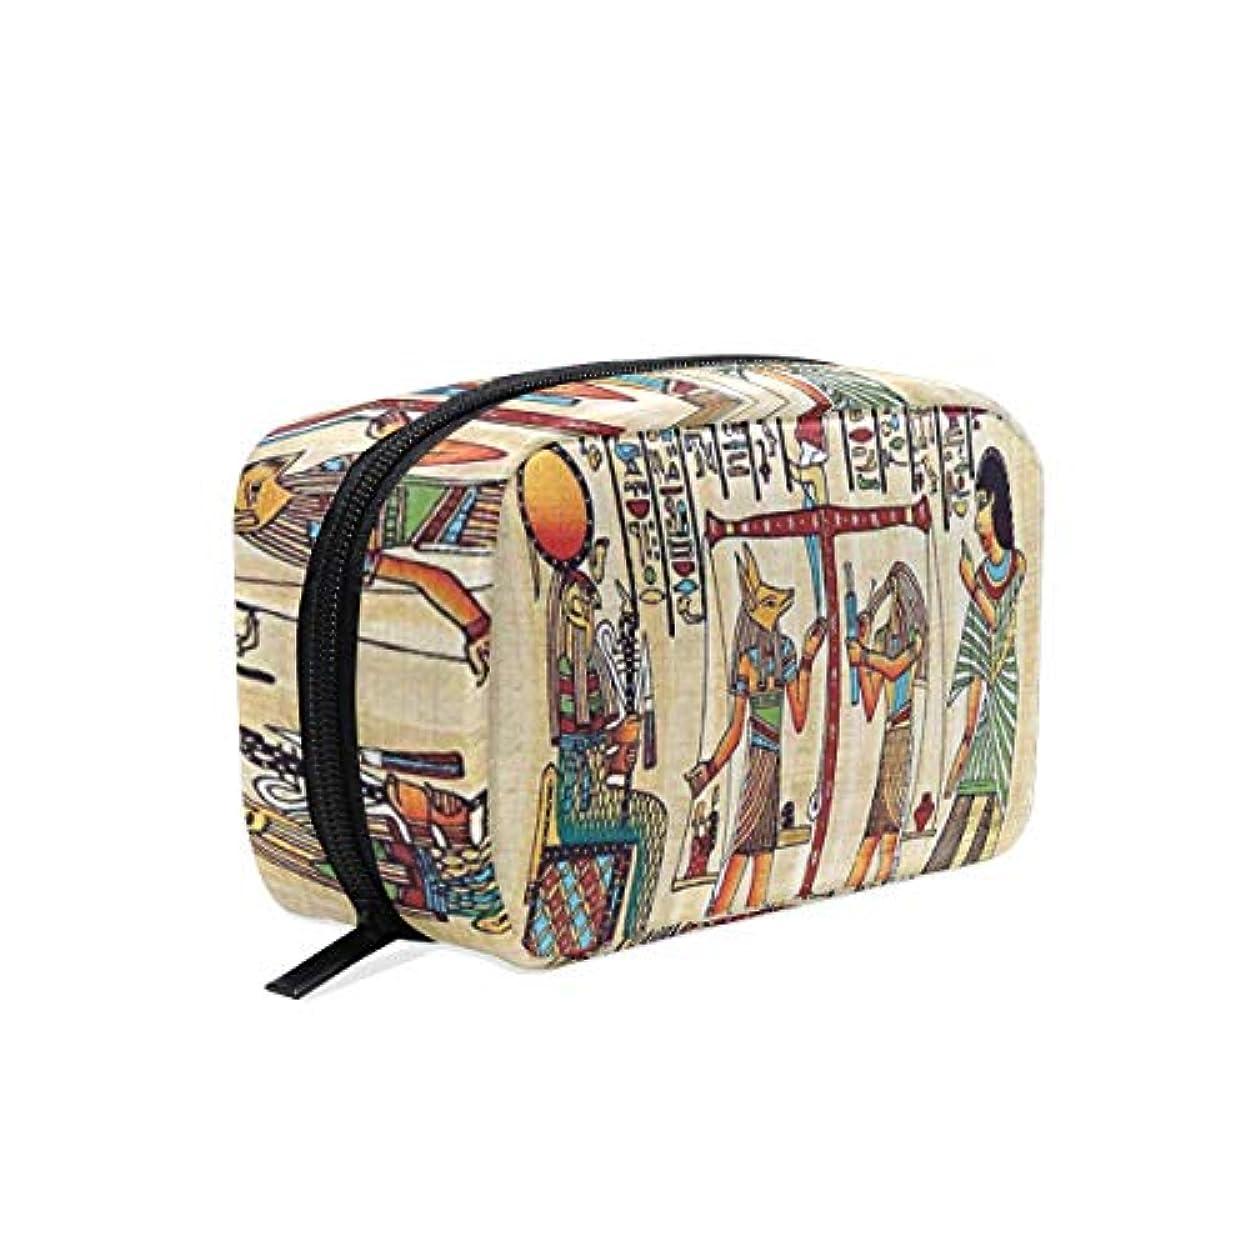 競争マインド破壊的なCW-Story エジプト装飾 女性の化粧ポーチ コスメケース 旅行 化粧品 収納 雑貨 小物入れ 出張用バック 超軽量 機能的 大容量